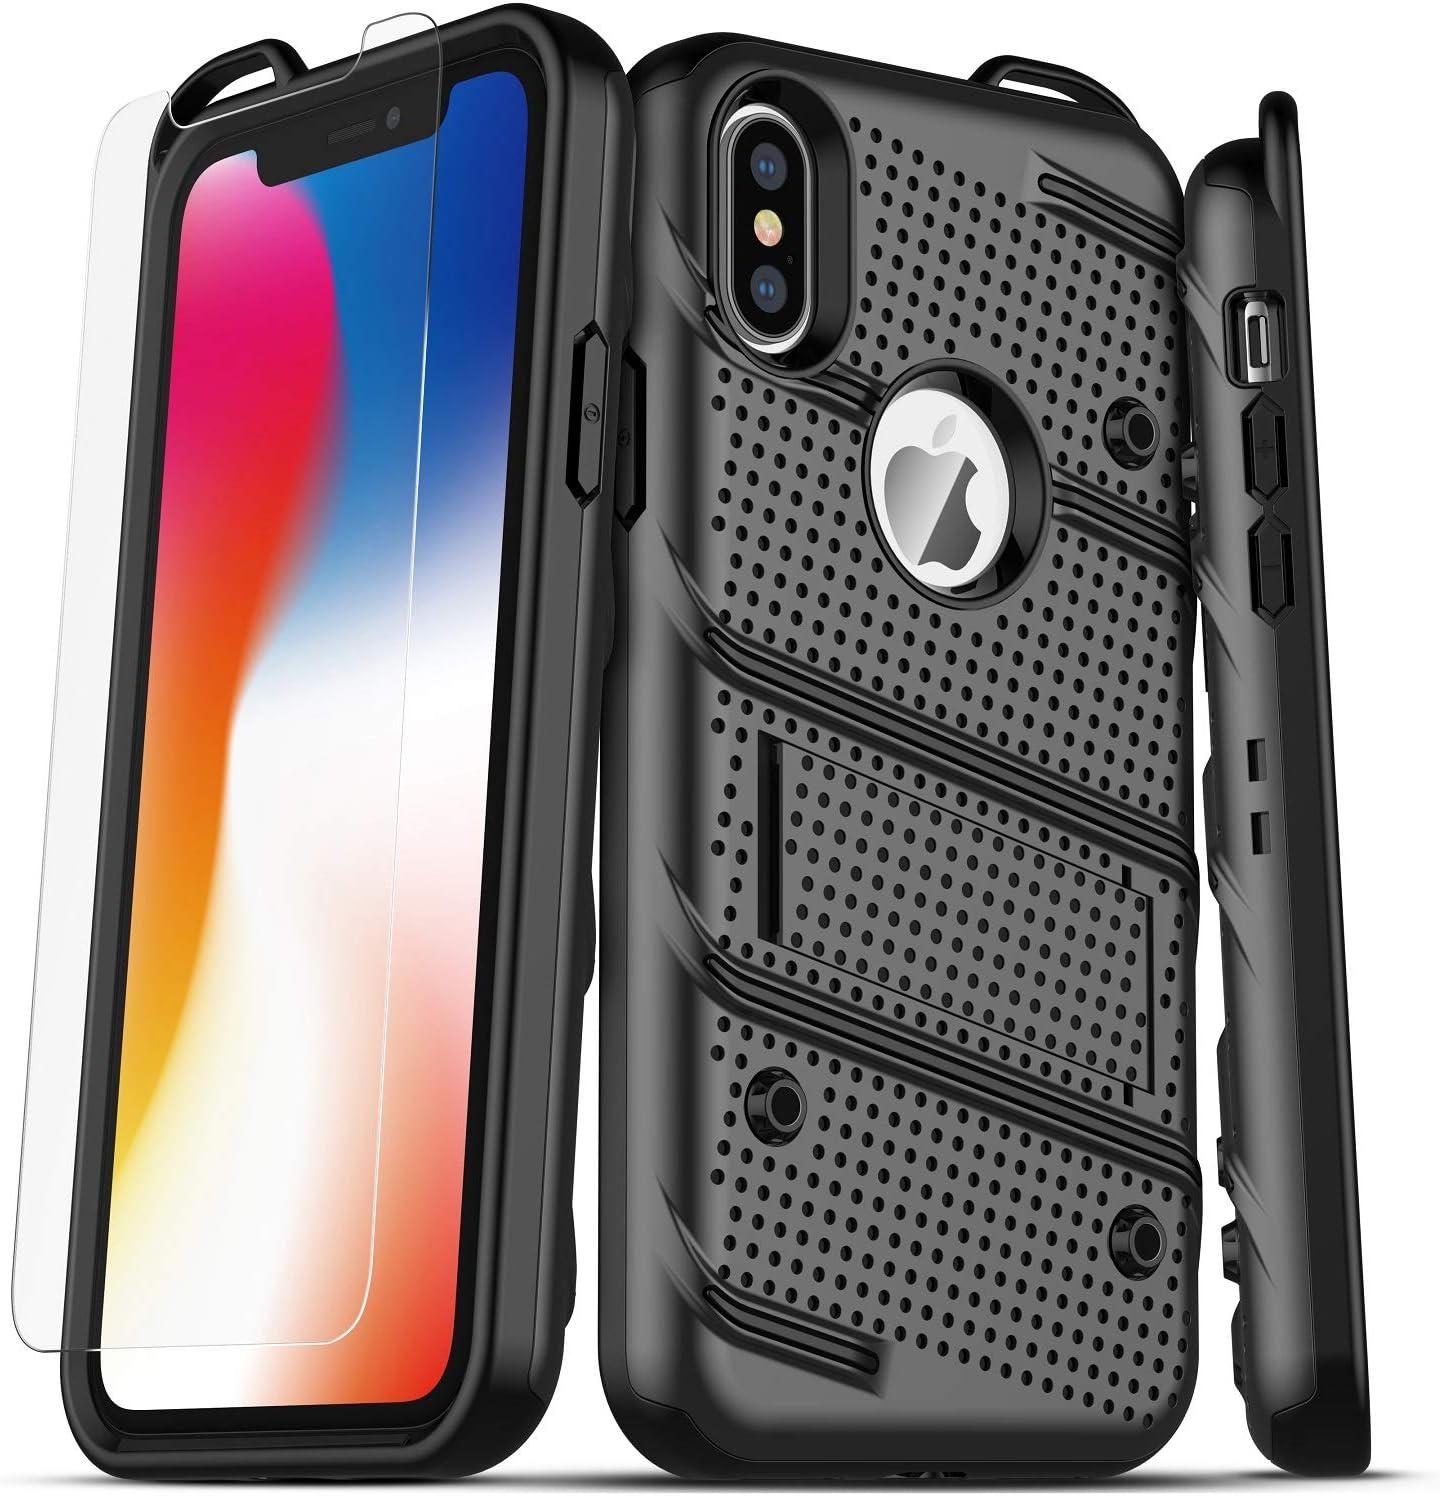 ZHIKE Custodia per iPhone XS Max Nero Custodia Rigida Antiurto per PC Custodia Morbida per Defender in Silicone con Supporto per iPhone XS Max